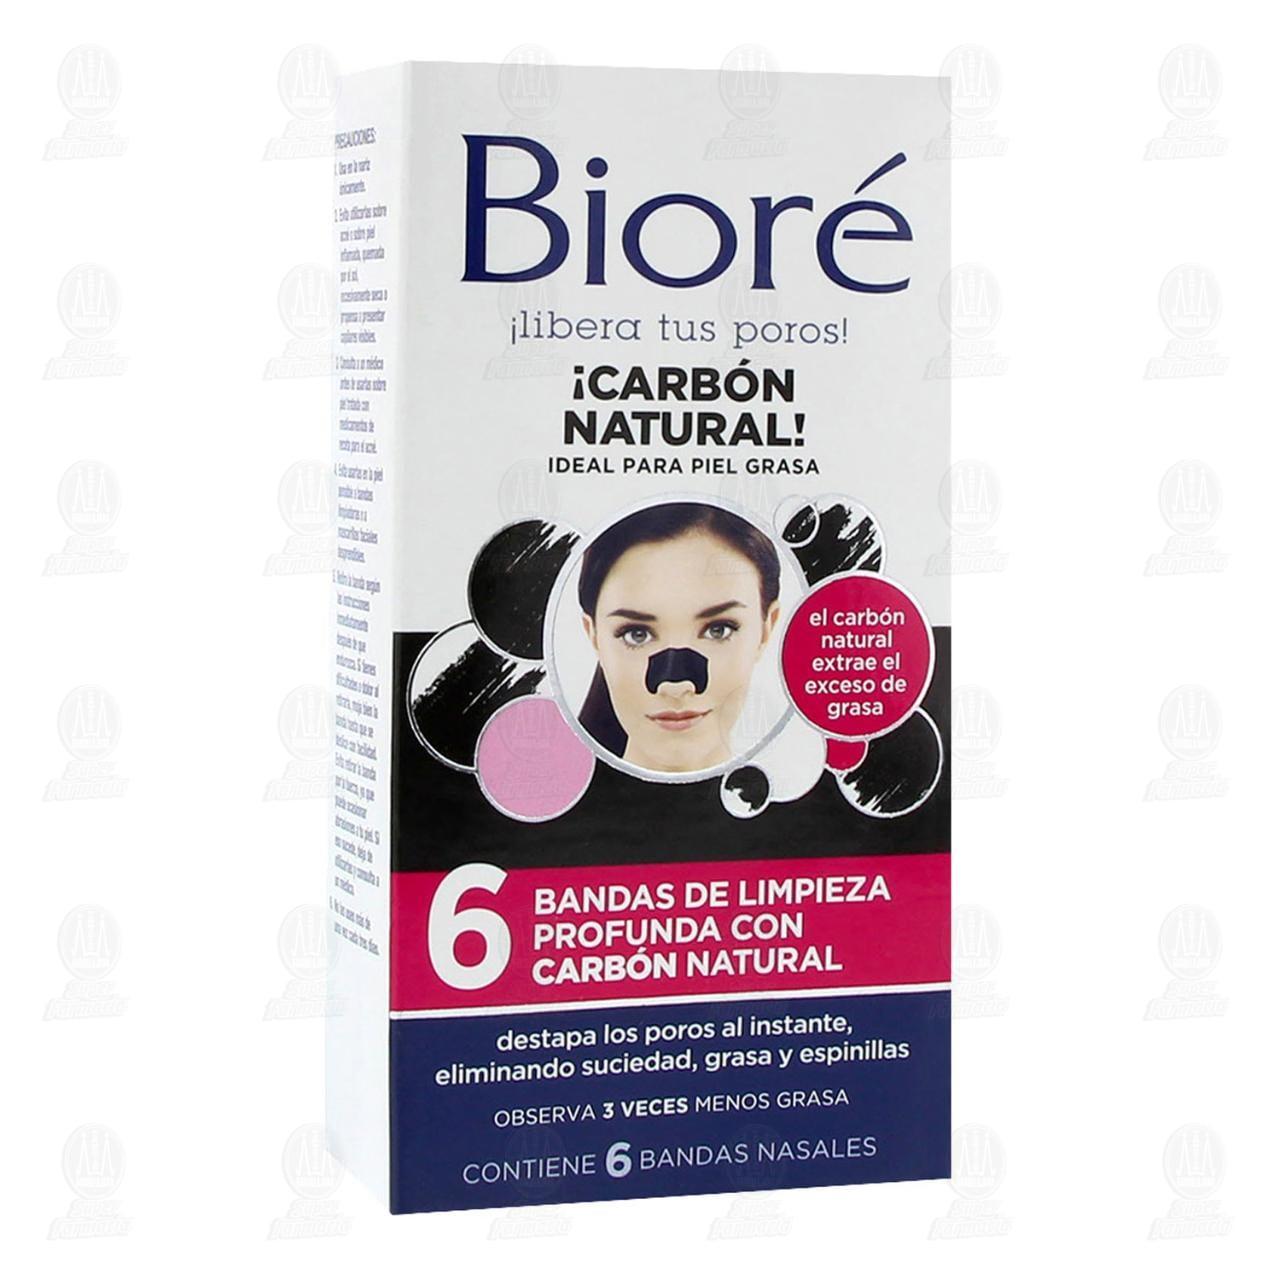 Comprar Bandas de Limpieza Bioré con Carbón Natural, 6 pzas. en Farmacias Guadalajara